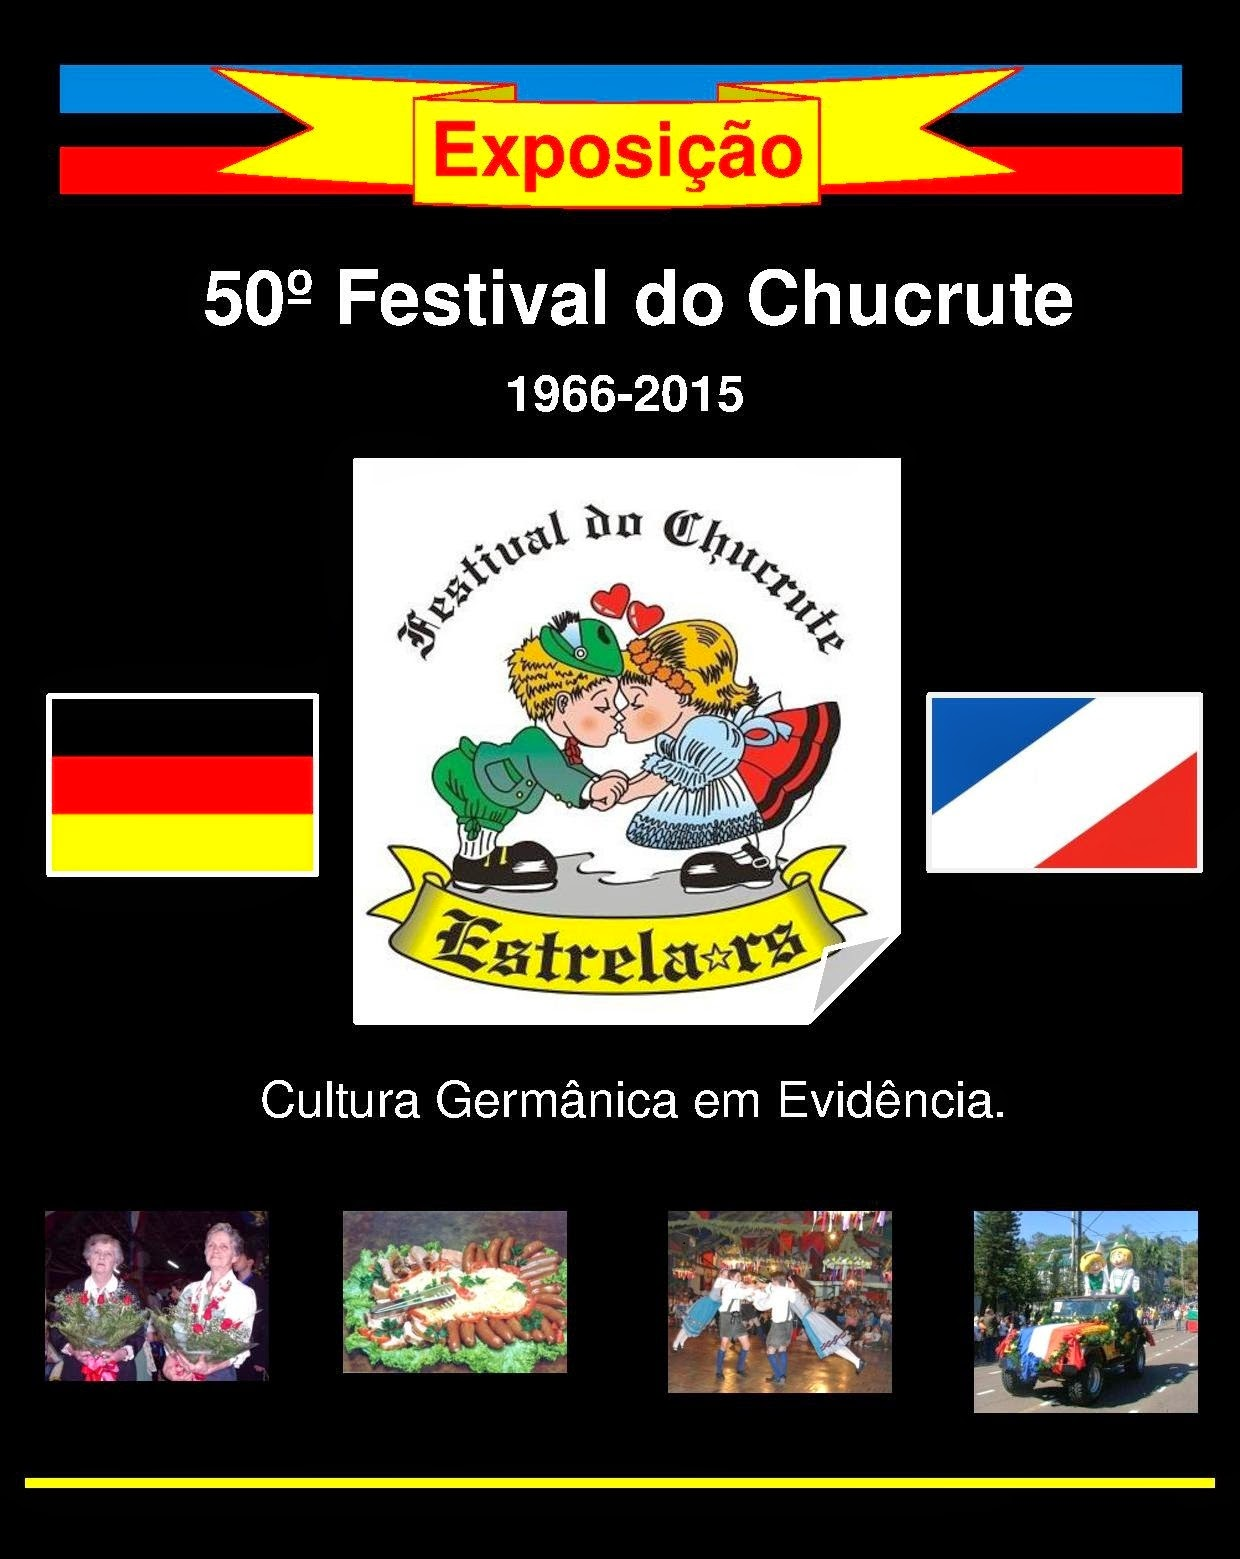 Exposição - 50º Festival do Checrute